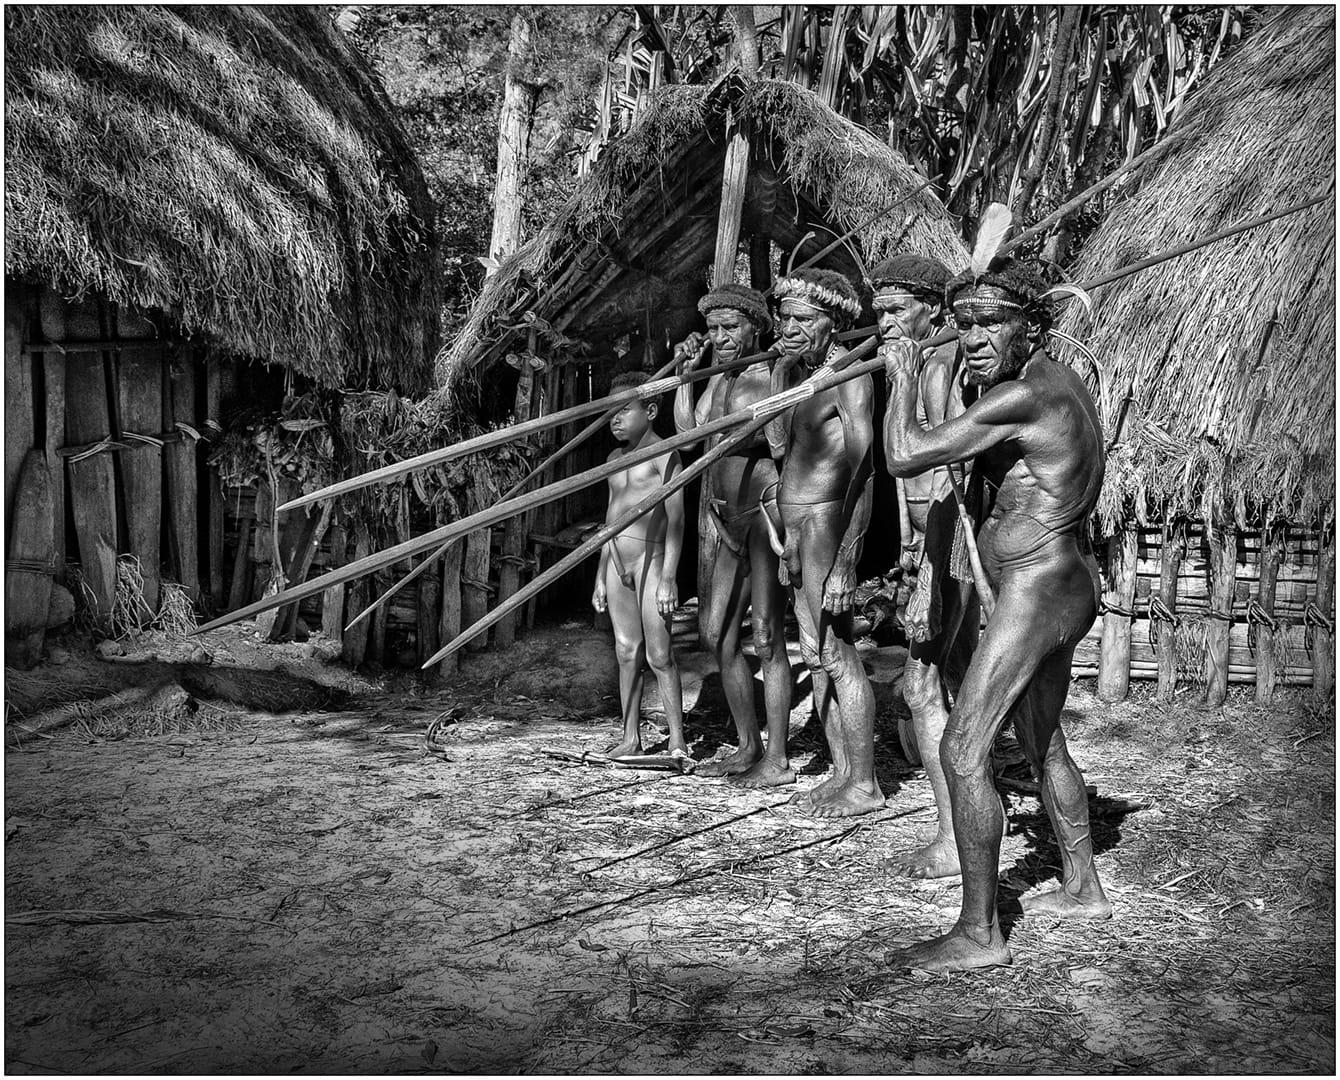 Indigenas, preparados para ir de caza